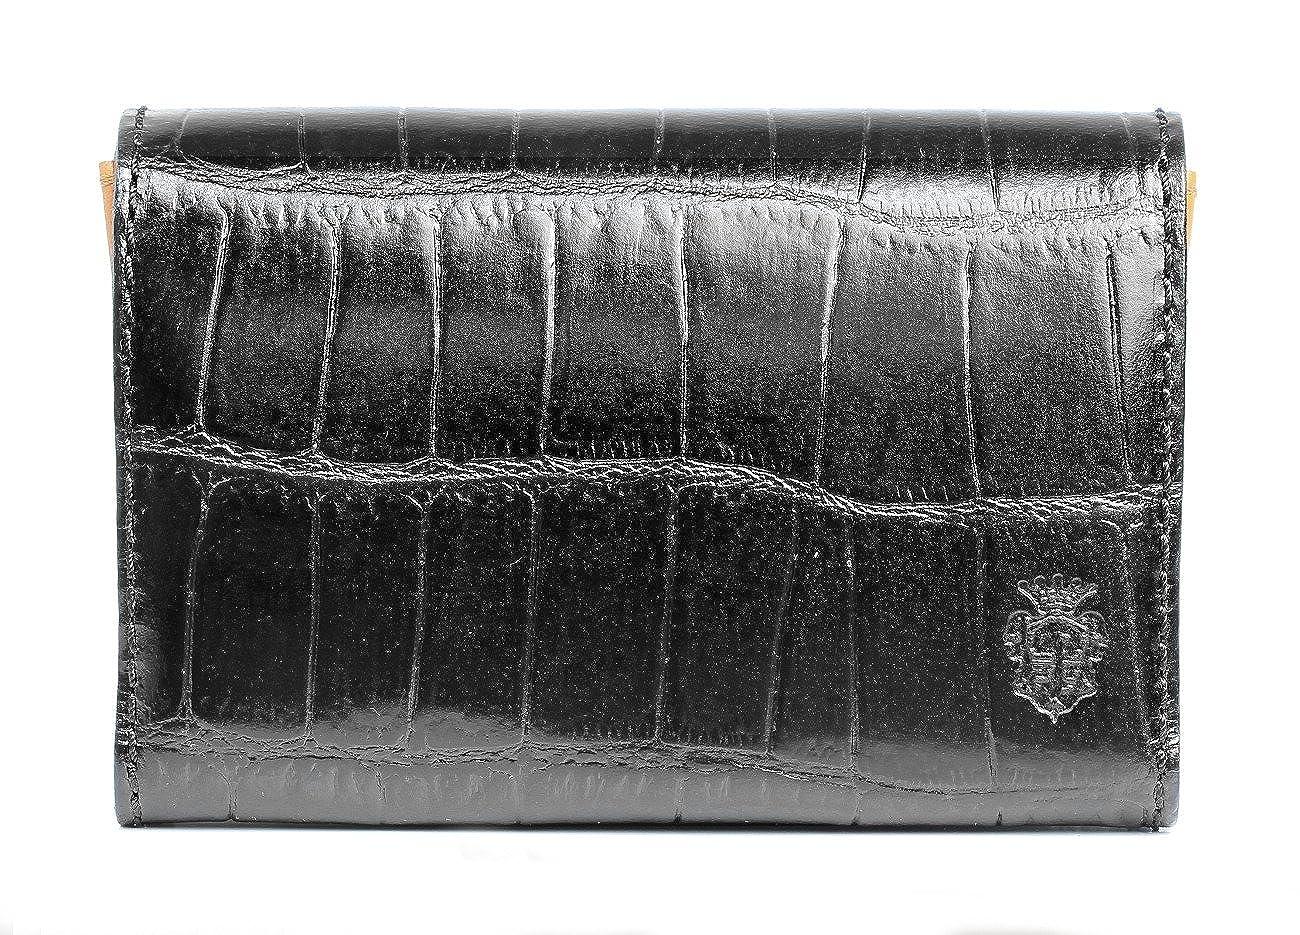 [フェリージ]Felisi カードケース 名刺入れ 二つ折り イタリア製 高級牛革 レザー クロコダイル型押し メンズ [並行輸入品]  ブラック B0168BTWKS